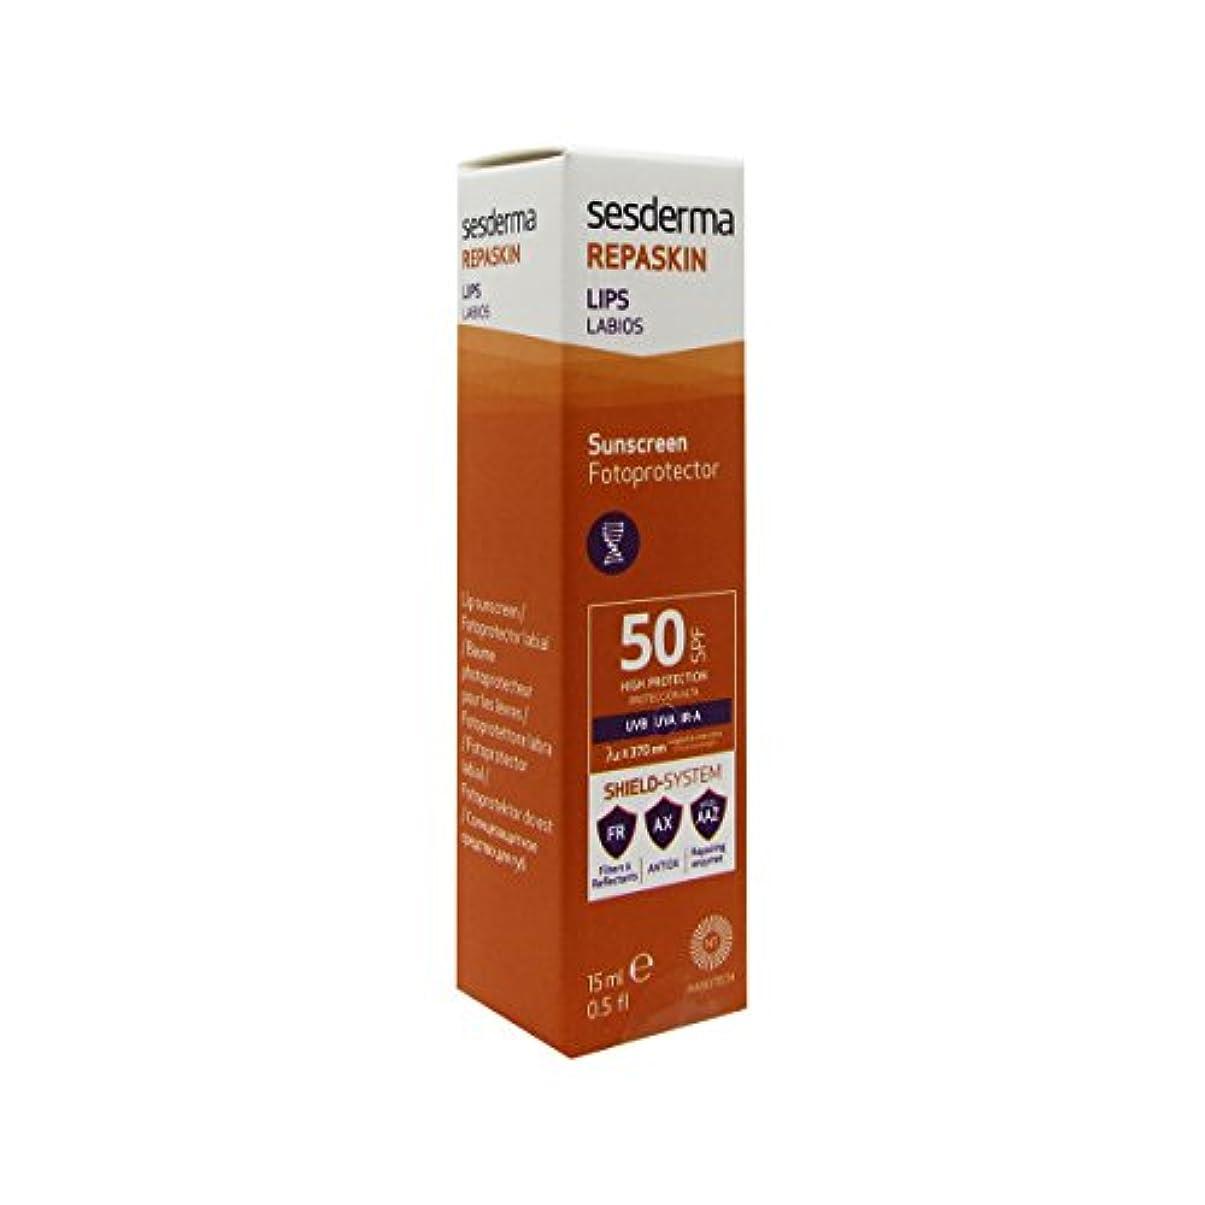 人質廃止する署名Sesderma Repaskin Lips Spf50 15ml [並行輸入品]